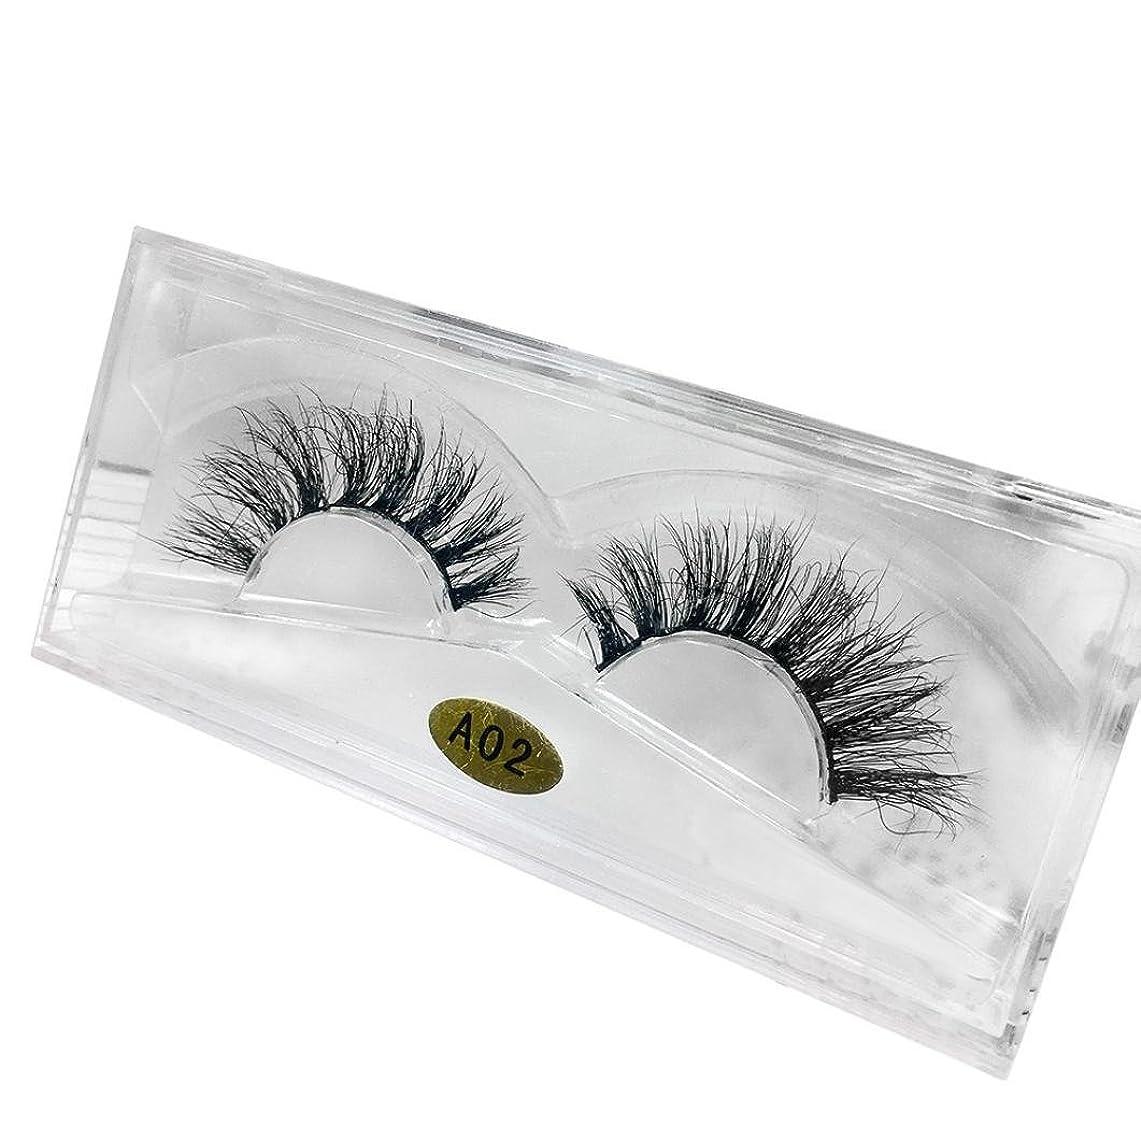 頭蓋骨円周活気づくFeteso 1ペア つけまつげ 上まつげ 3D Eyelashes アイラッシュ ビューティー まつげエクステ レディース 化粧ツール アイメイクアップ 人気 ナチュラル ふんわり 装着簡単 綺麗 濃密